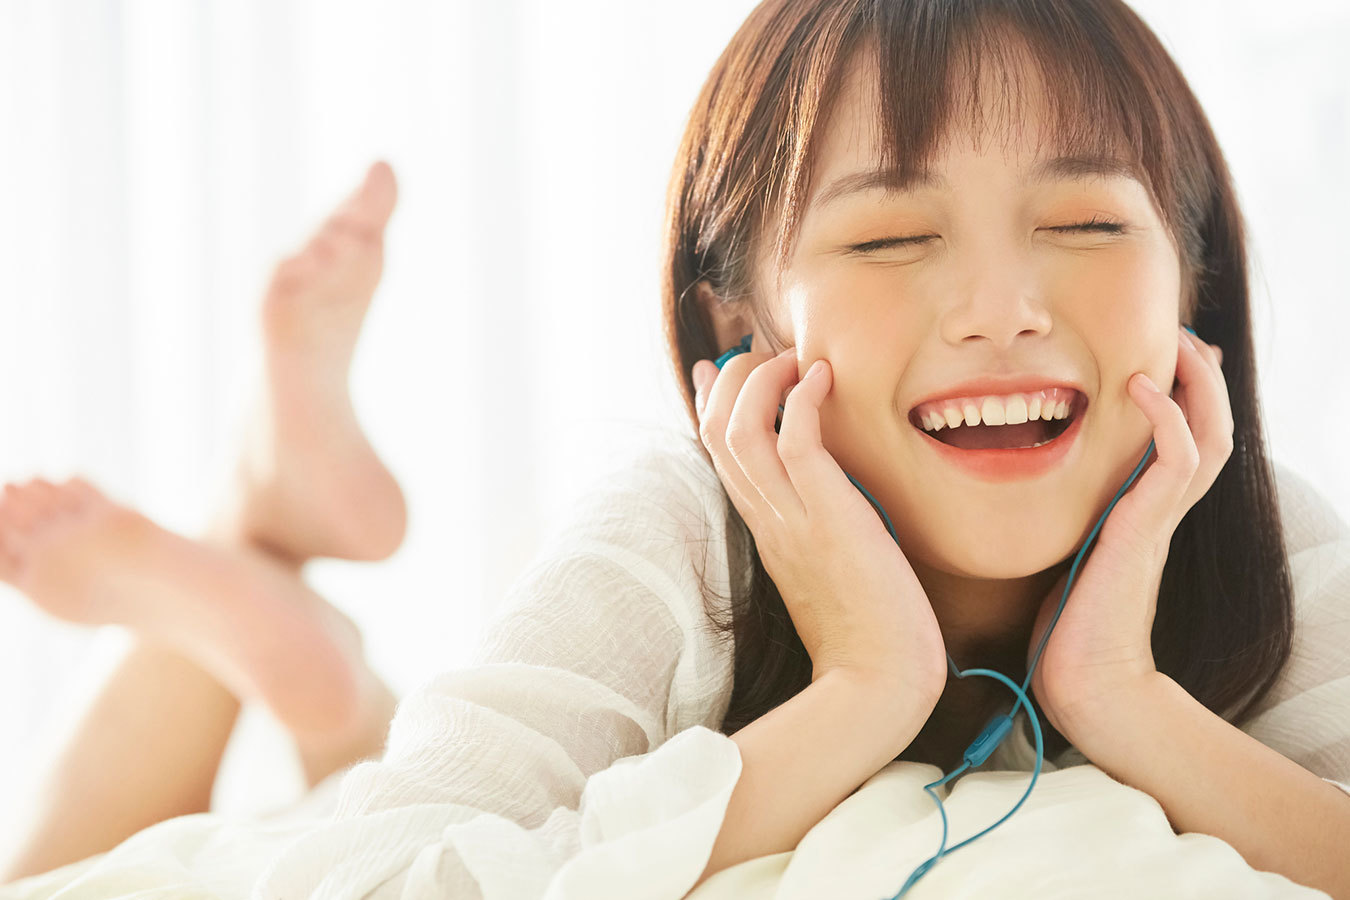 なぜ若者は音に夢中なのか?進化型のリラックス音声「ASMR」の魅力